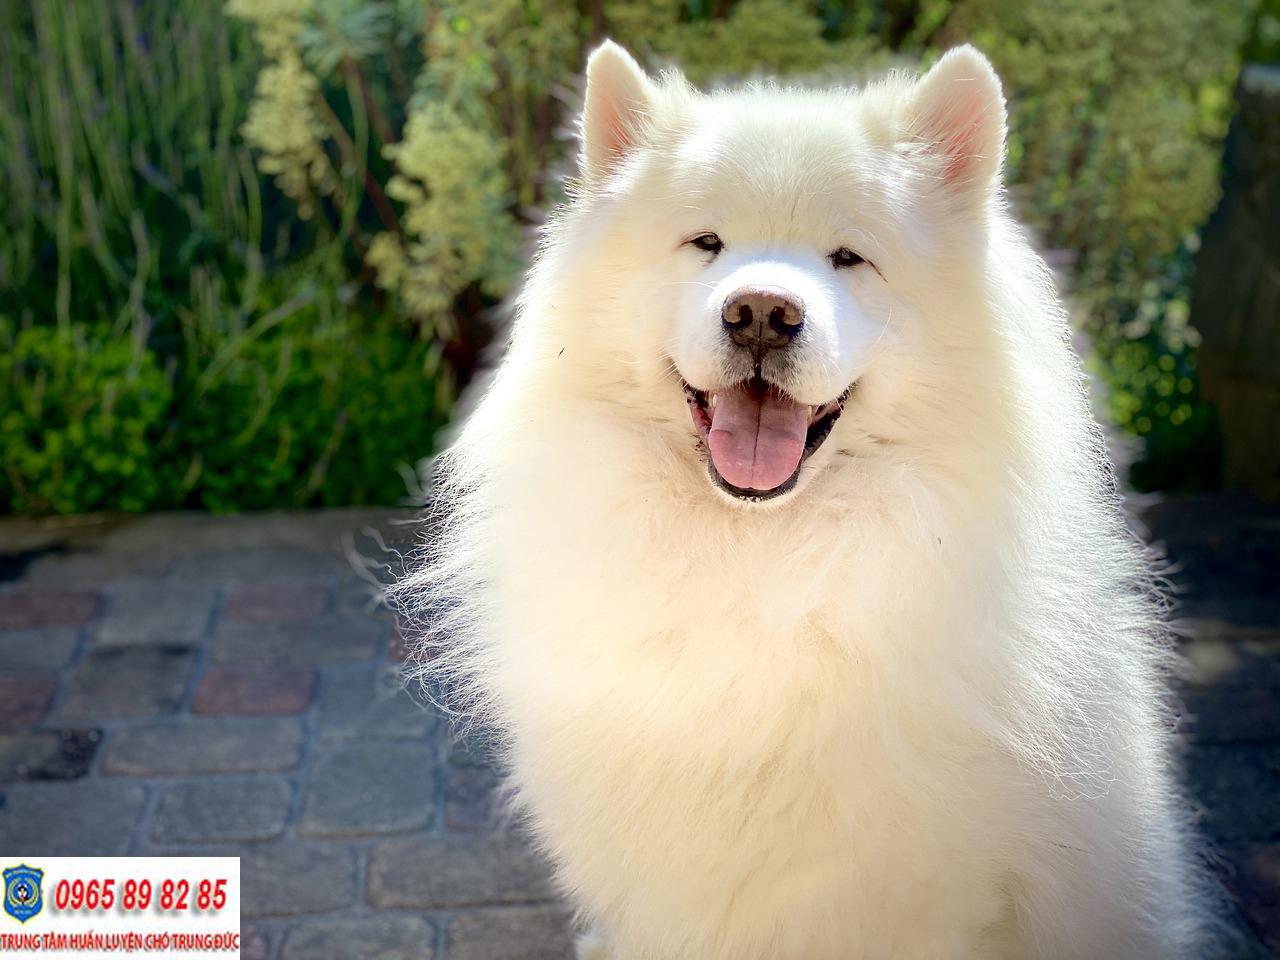 Hướng dẫn cách huấn luyện chó Samoyed hiệu quả mà đơn giản tại nhà